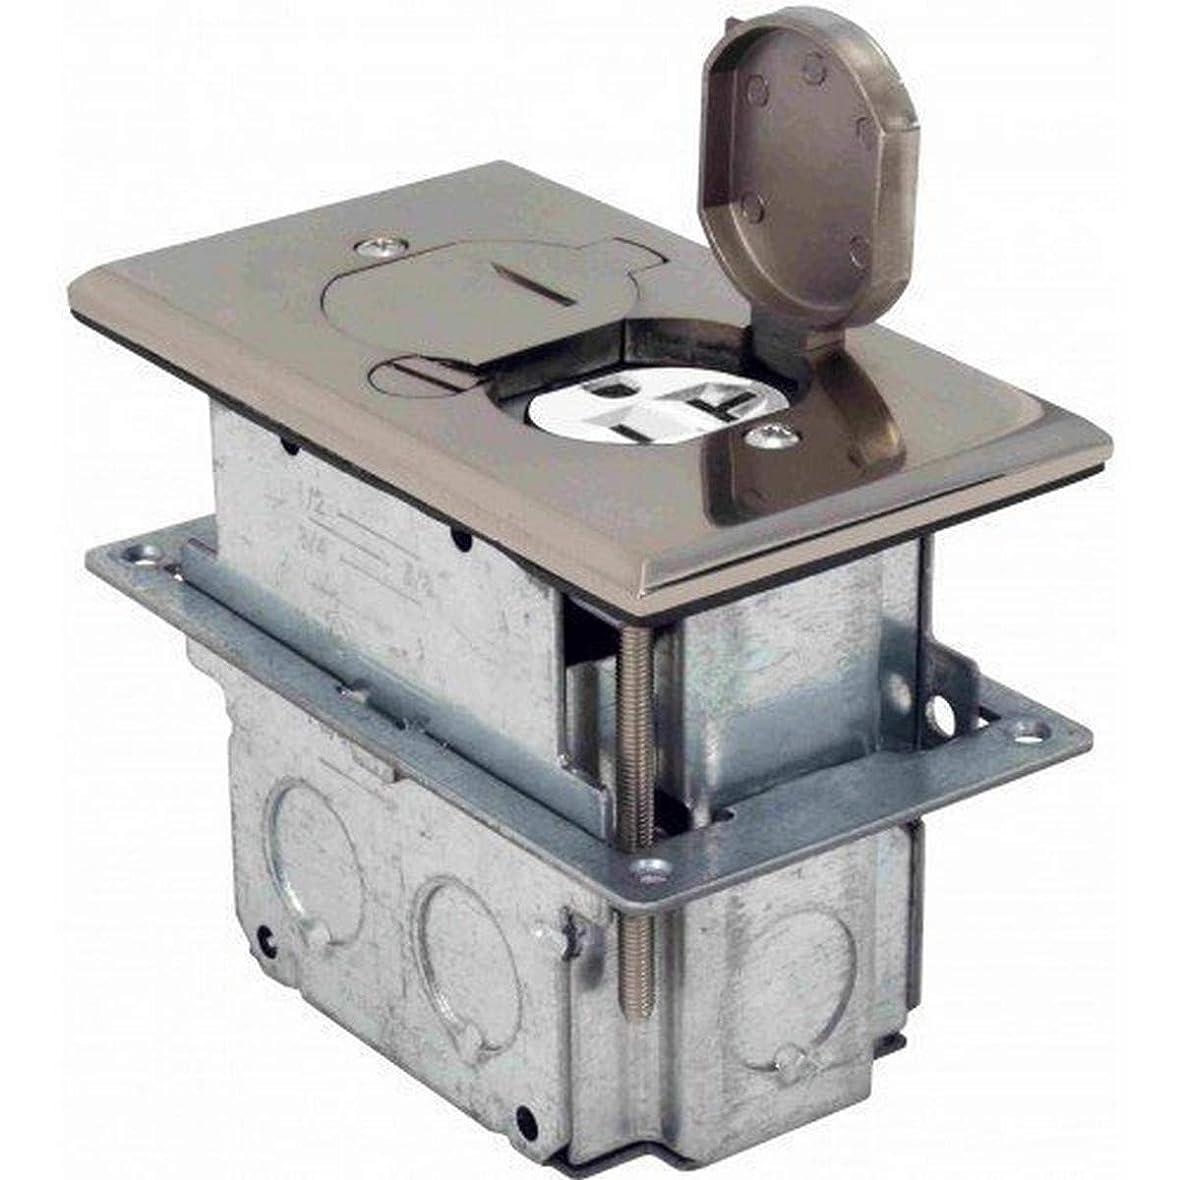 ジャンクション割り込み取り囲むOrbit Industries FLB-D-SS フロアフリップタイプ 2連コンセントカバー&調節可能なボックス付き 不正使用防止 ステンレススチール